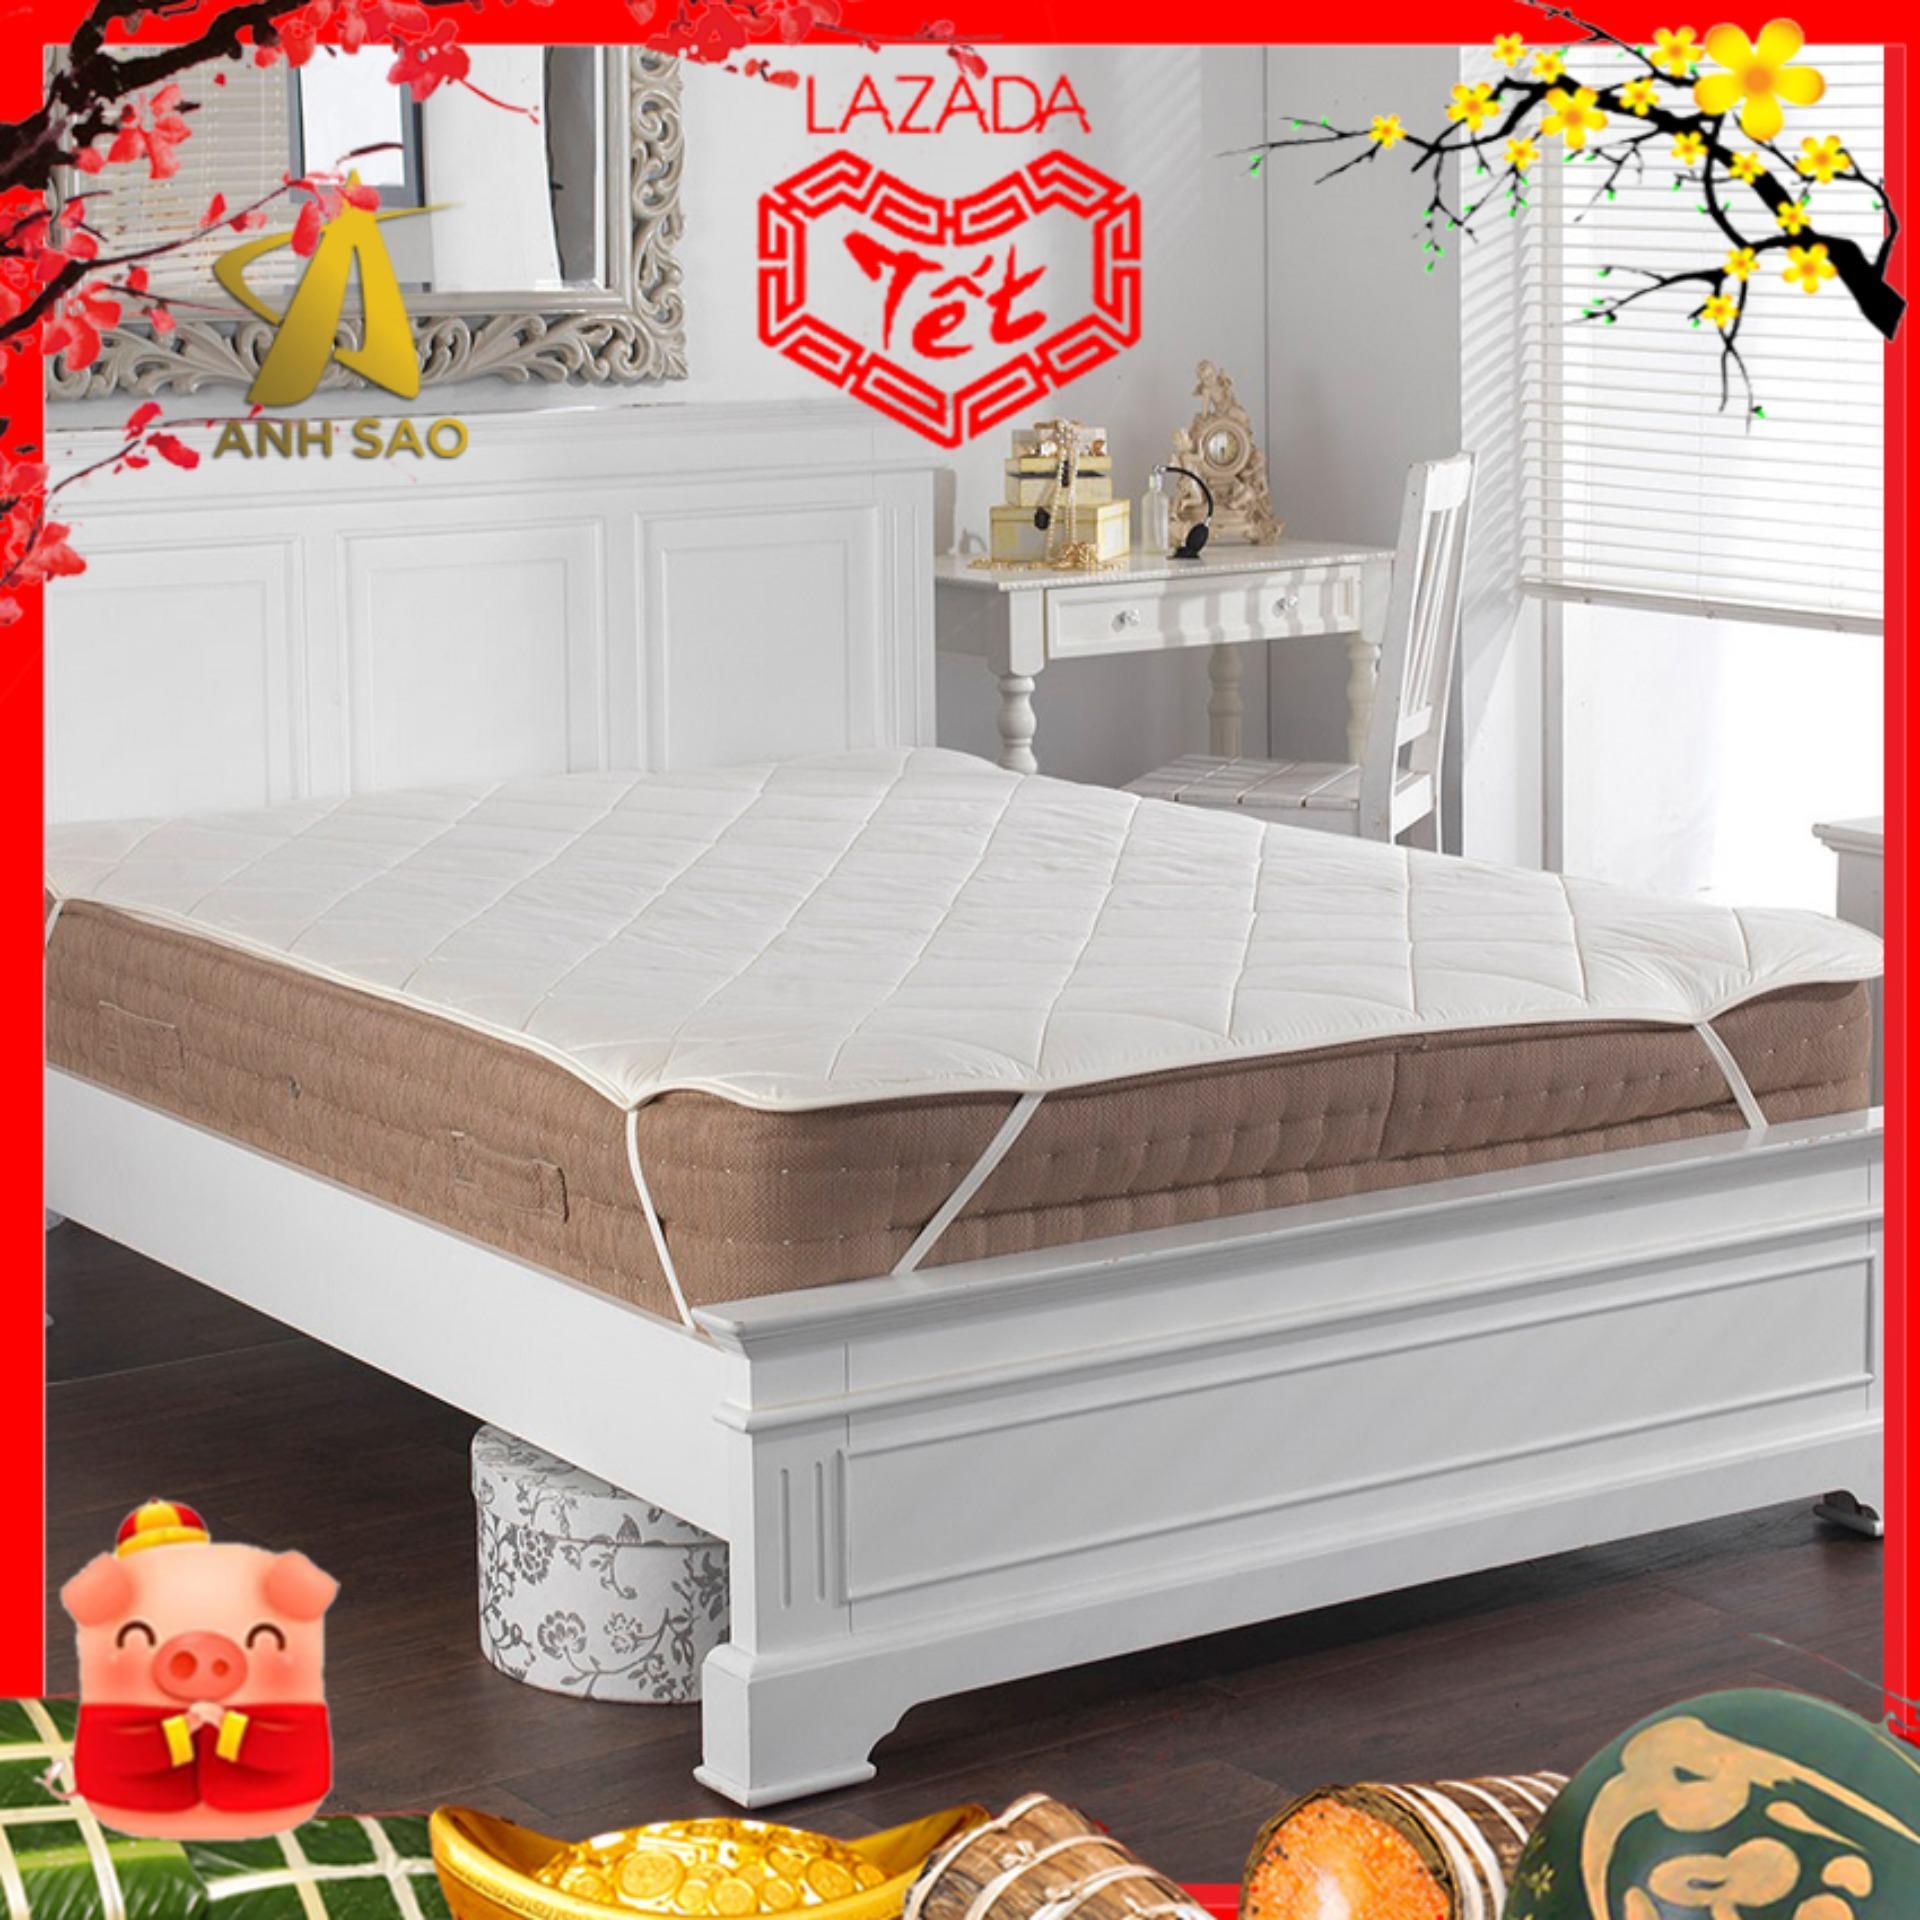 Tấm lót bảo vệ nệm Ưu Việt màu trắng (Đầy đủ size: \